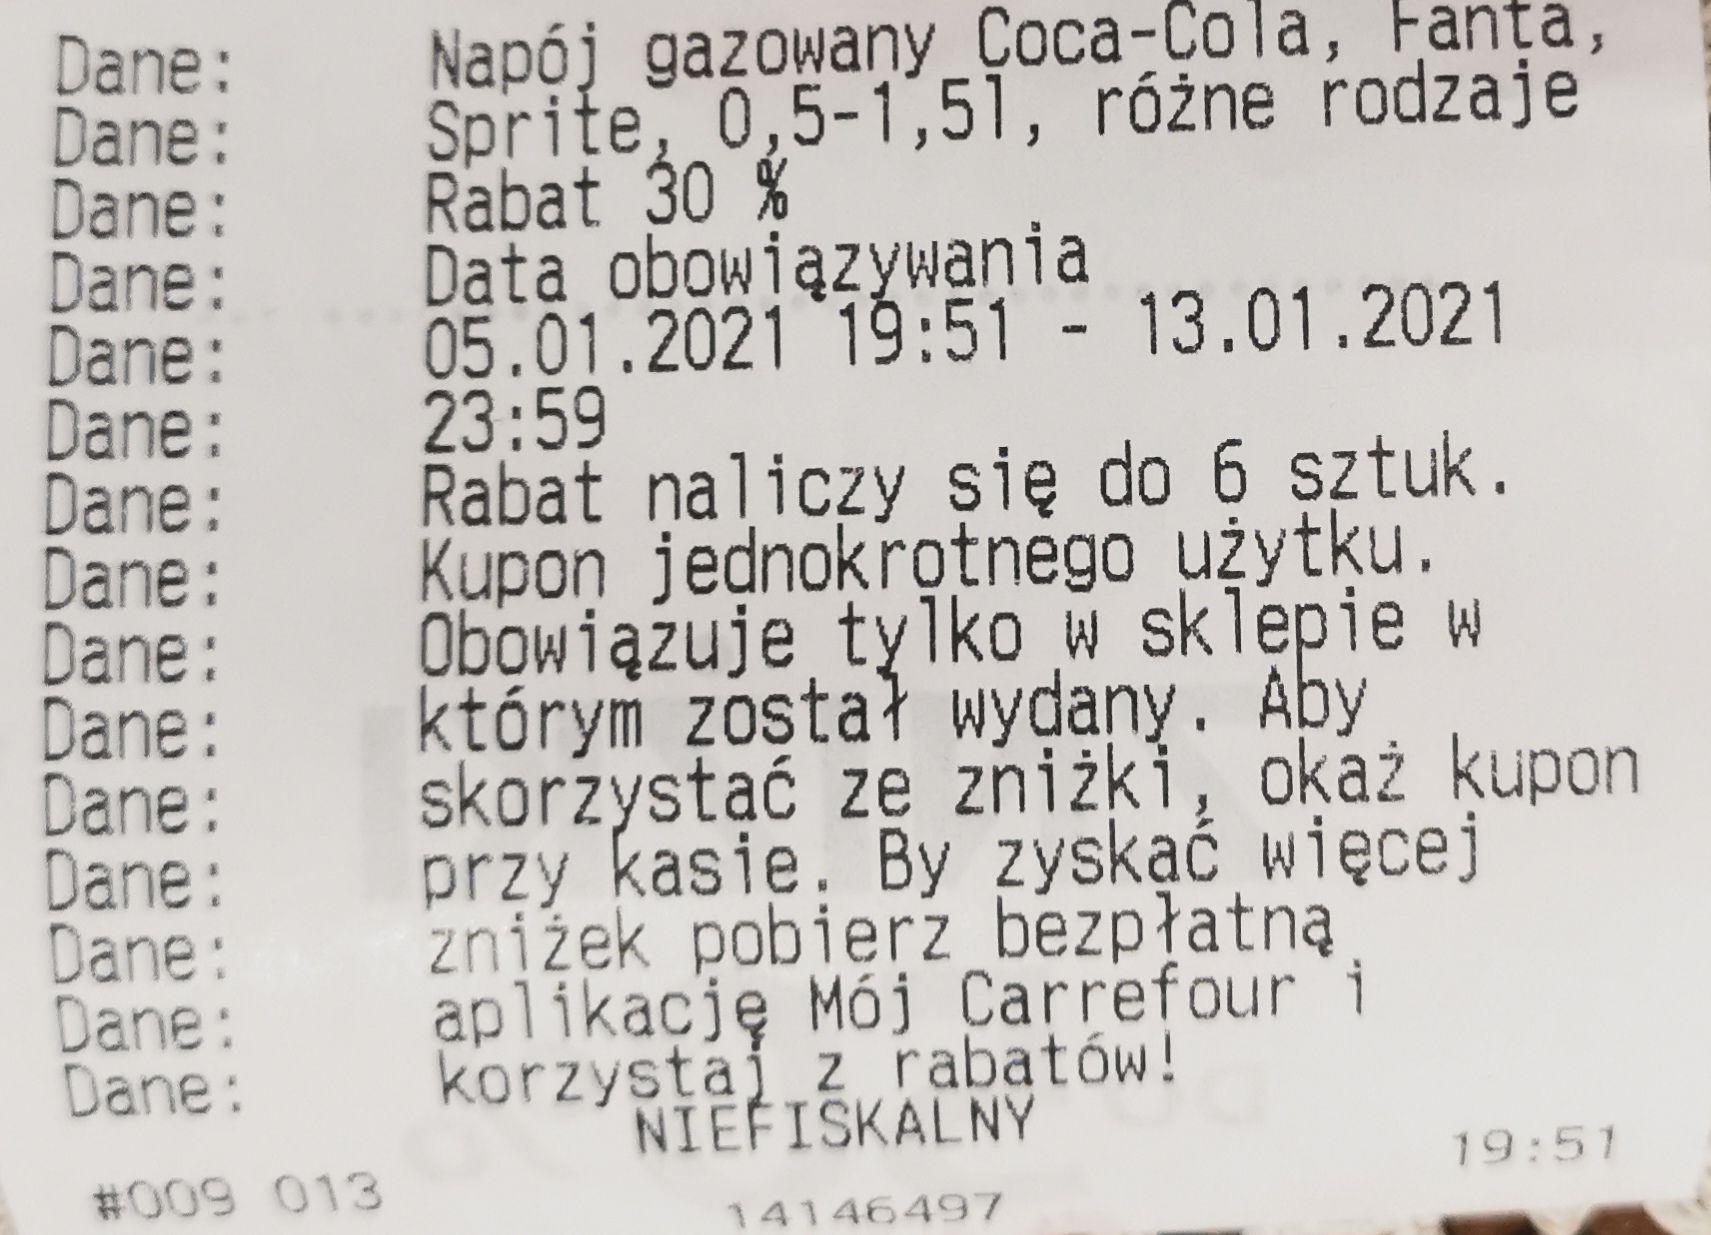 Przyprawy Kamis, Coca-Cola, Fanta, Sprite - rabat 30% od cen z ub. roku - Carrefour